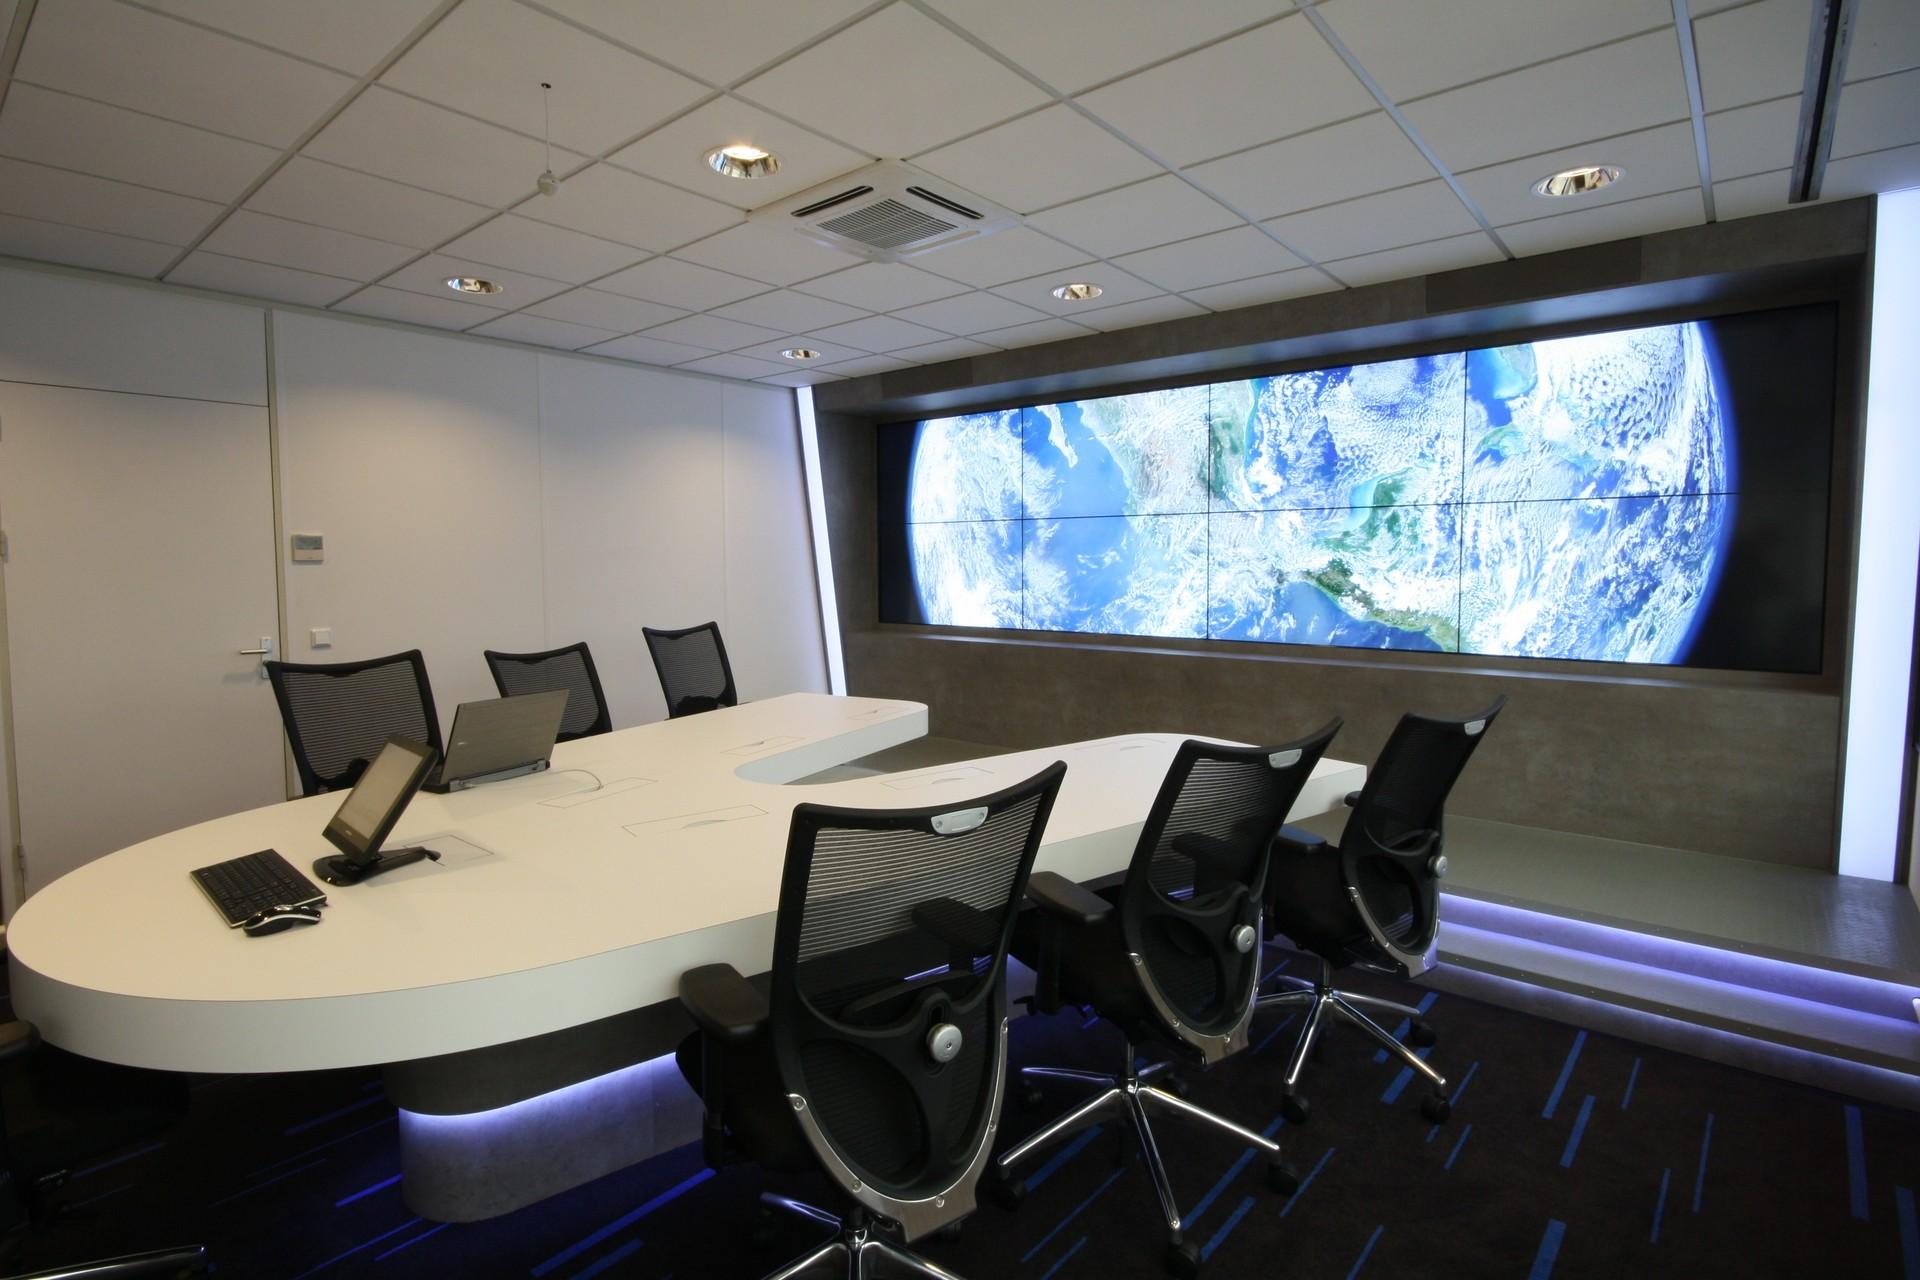 Kantoorinrichting op maat maatwerk interieurbouw van deko - Moderne kantoorbureaus ...